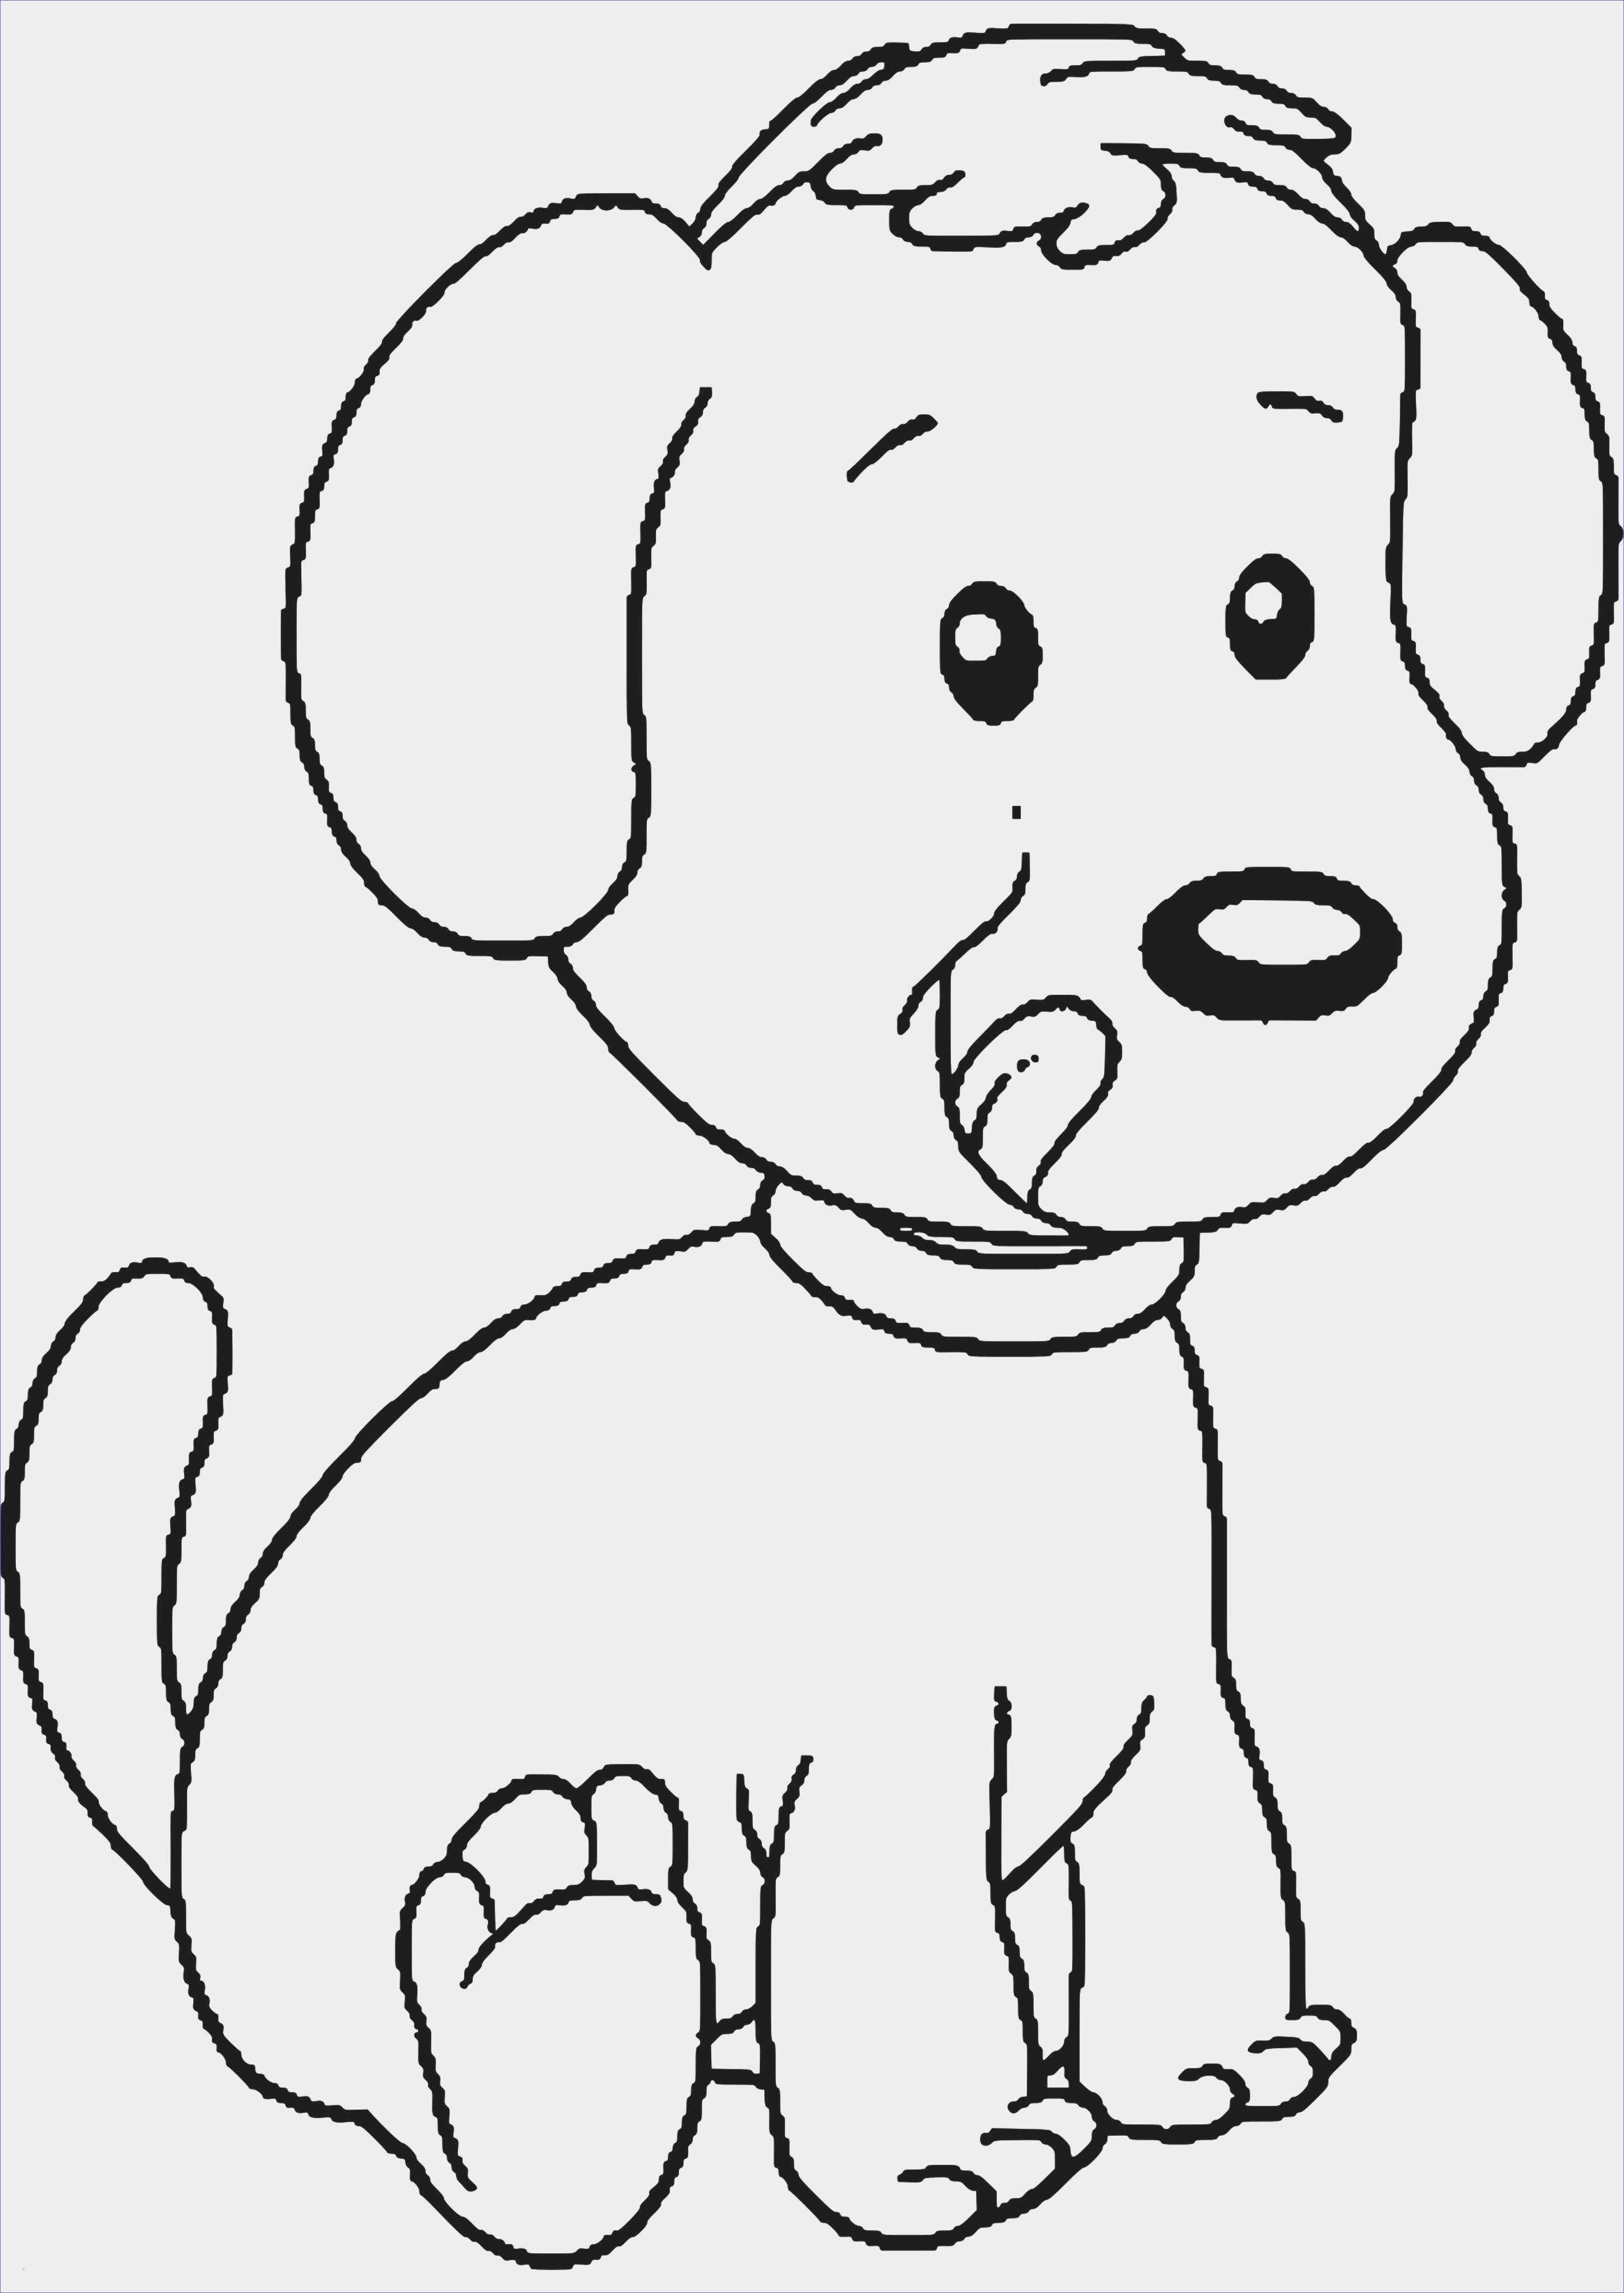 Einhorn Ausmalbilder Zum Ausdrucken Kostenlos Das Beste Von Lernspiele Färbung Bilder Tierbilder Zum Ausdrucken Kostenlos Stock